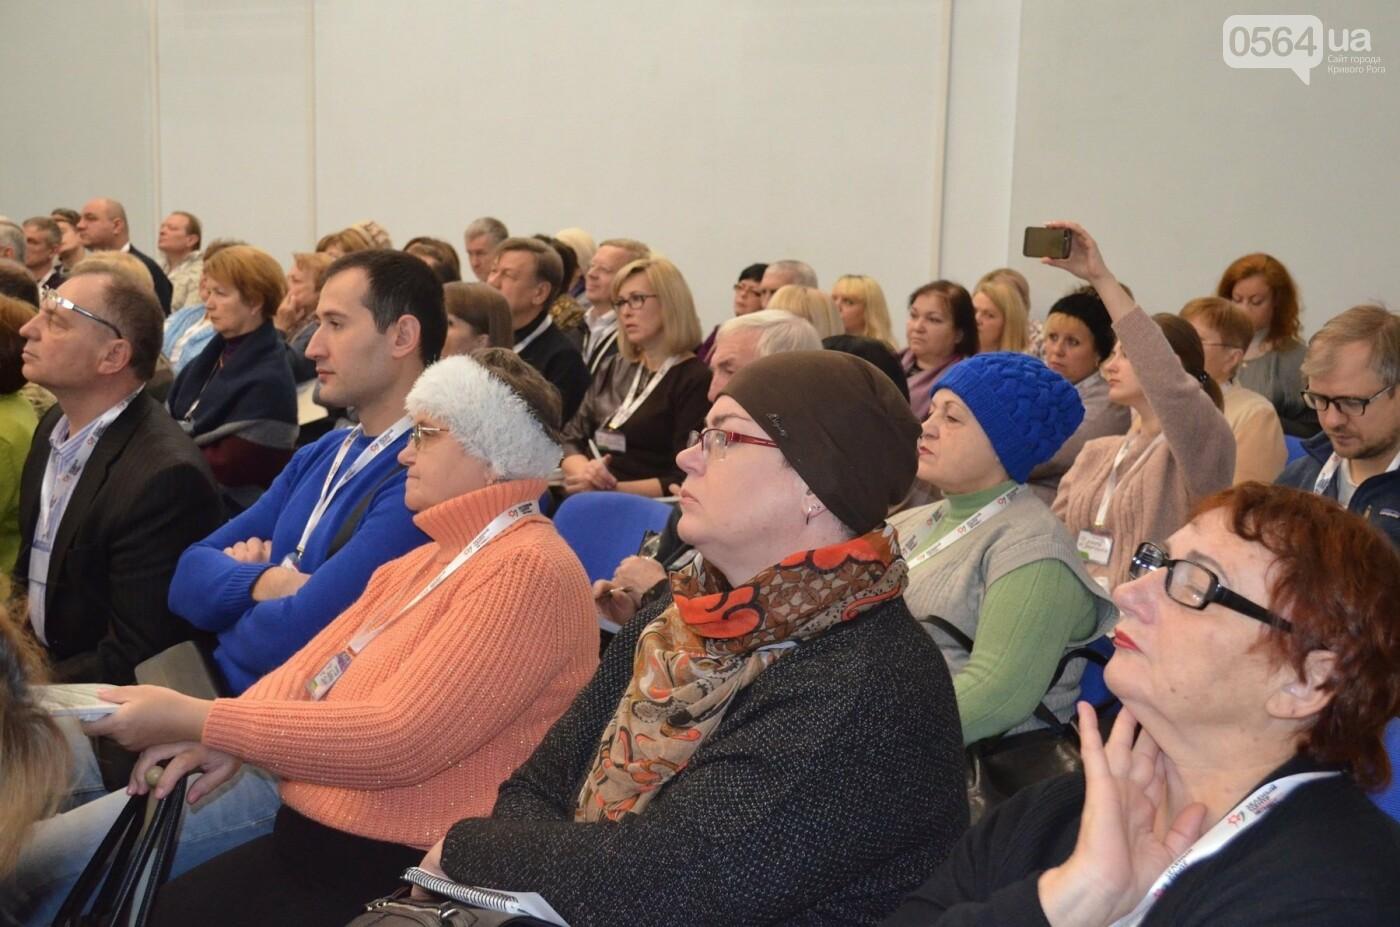 Результатом двухдневного форума ОСМД стал проект резолюции о развитии жилищного сектора на Днепропетровщине, фото-1